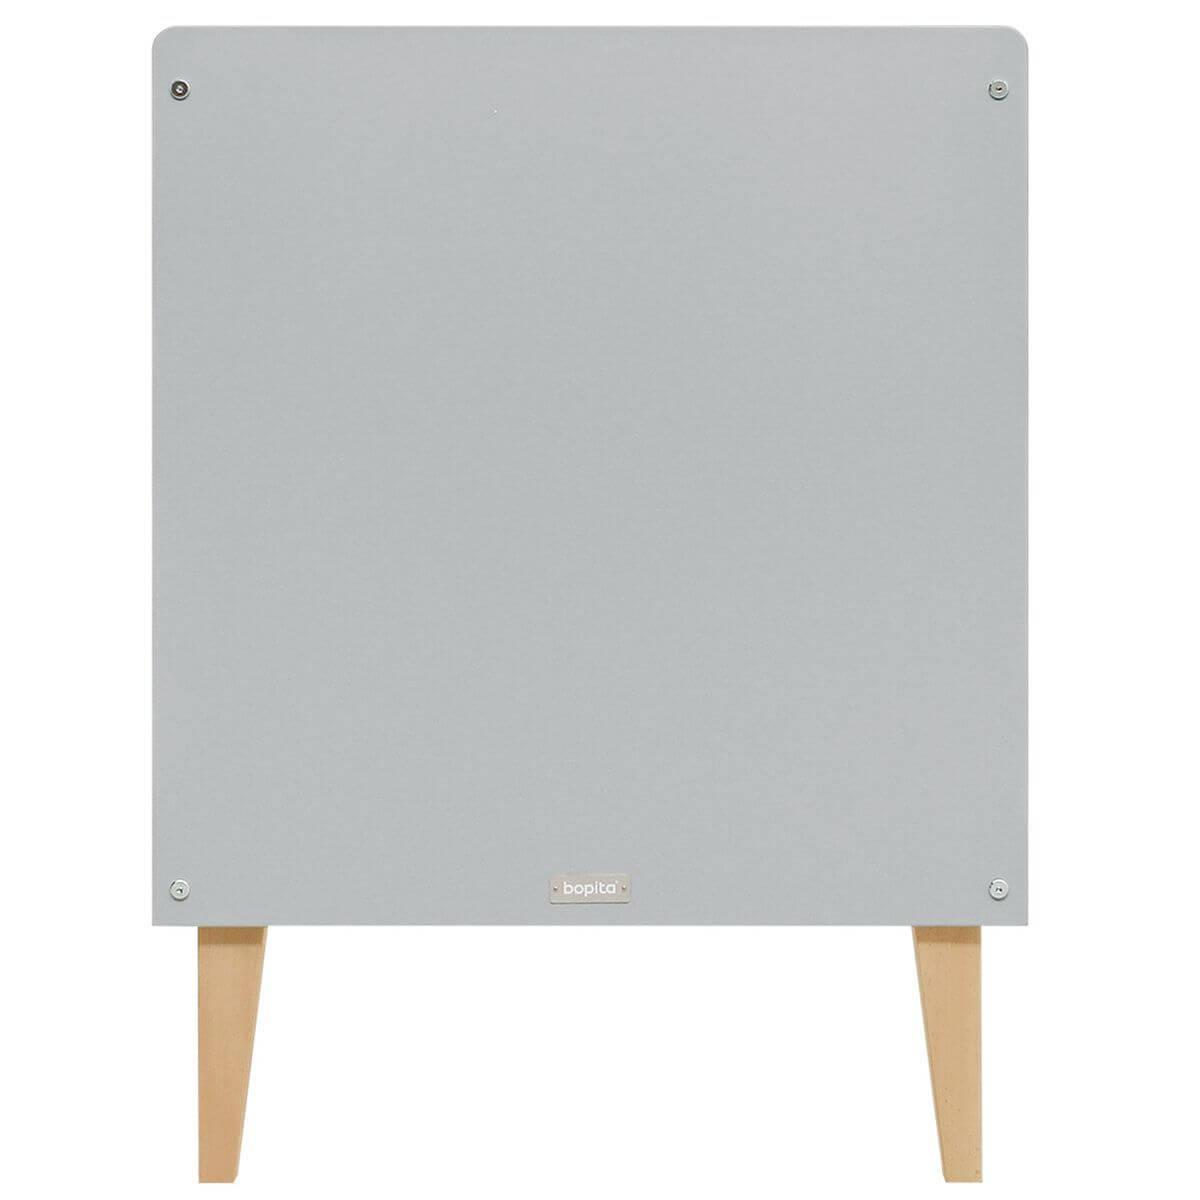 Lit 60x120cm EMMA Bopita blanc-gris